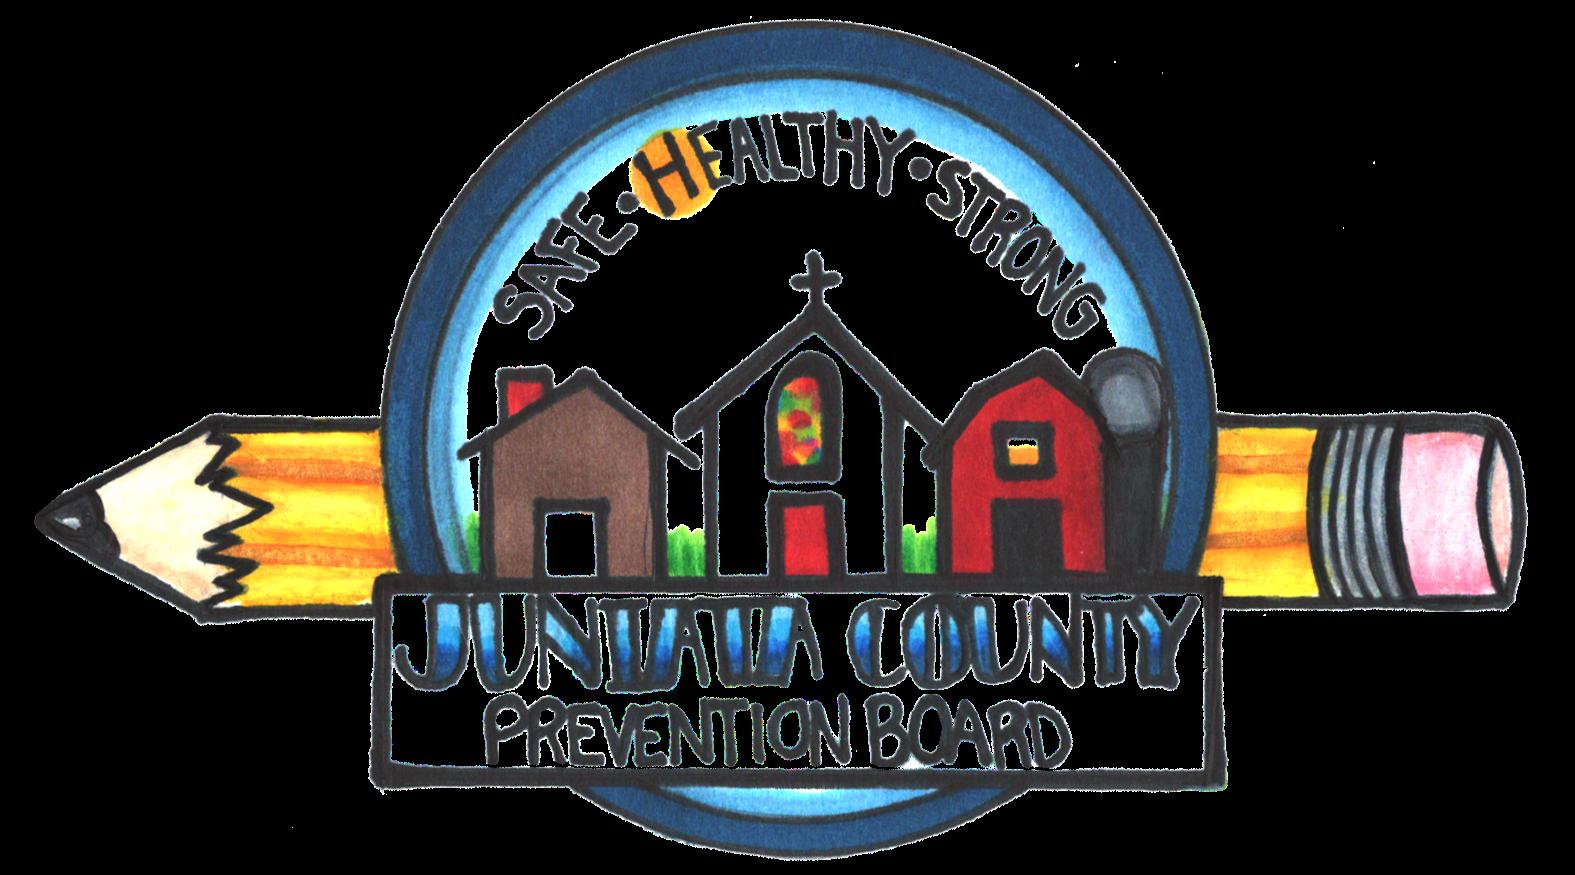 Juniata County Prevention Board